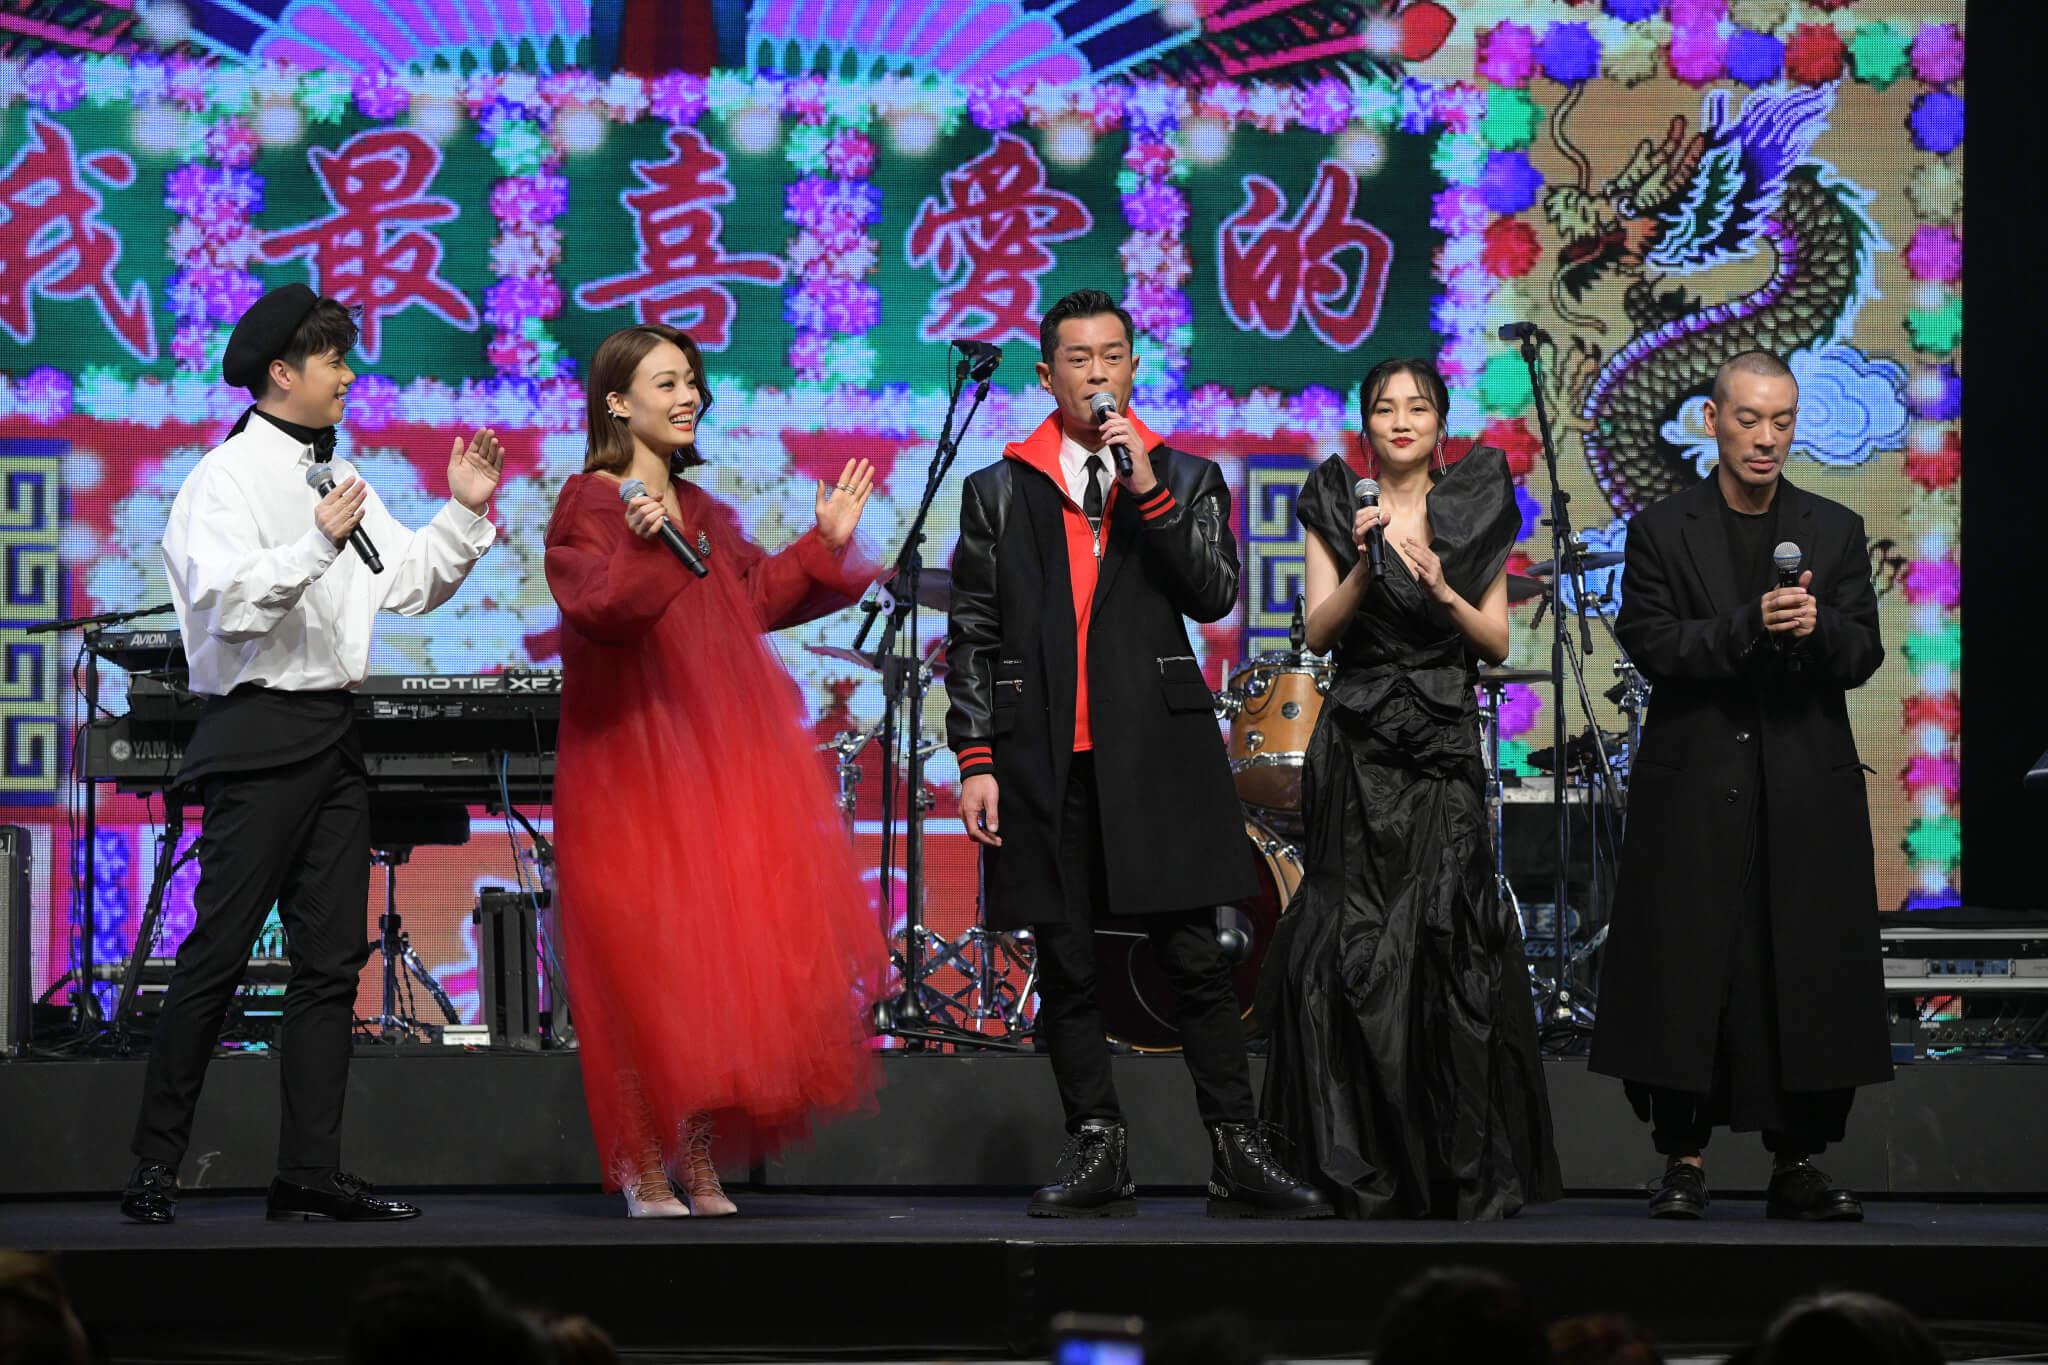 古仔請祖兒、軒仔、Kay、Juno上台,齊齊清唱他的經典金曲《男朋友》,全場high爆。